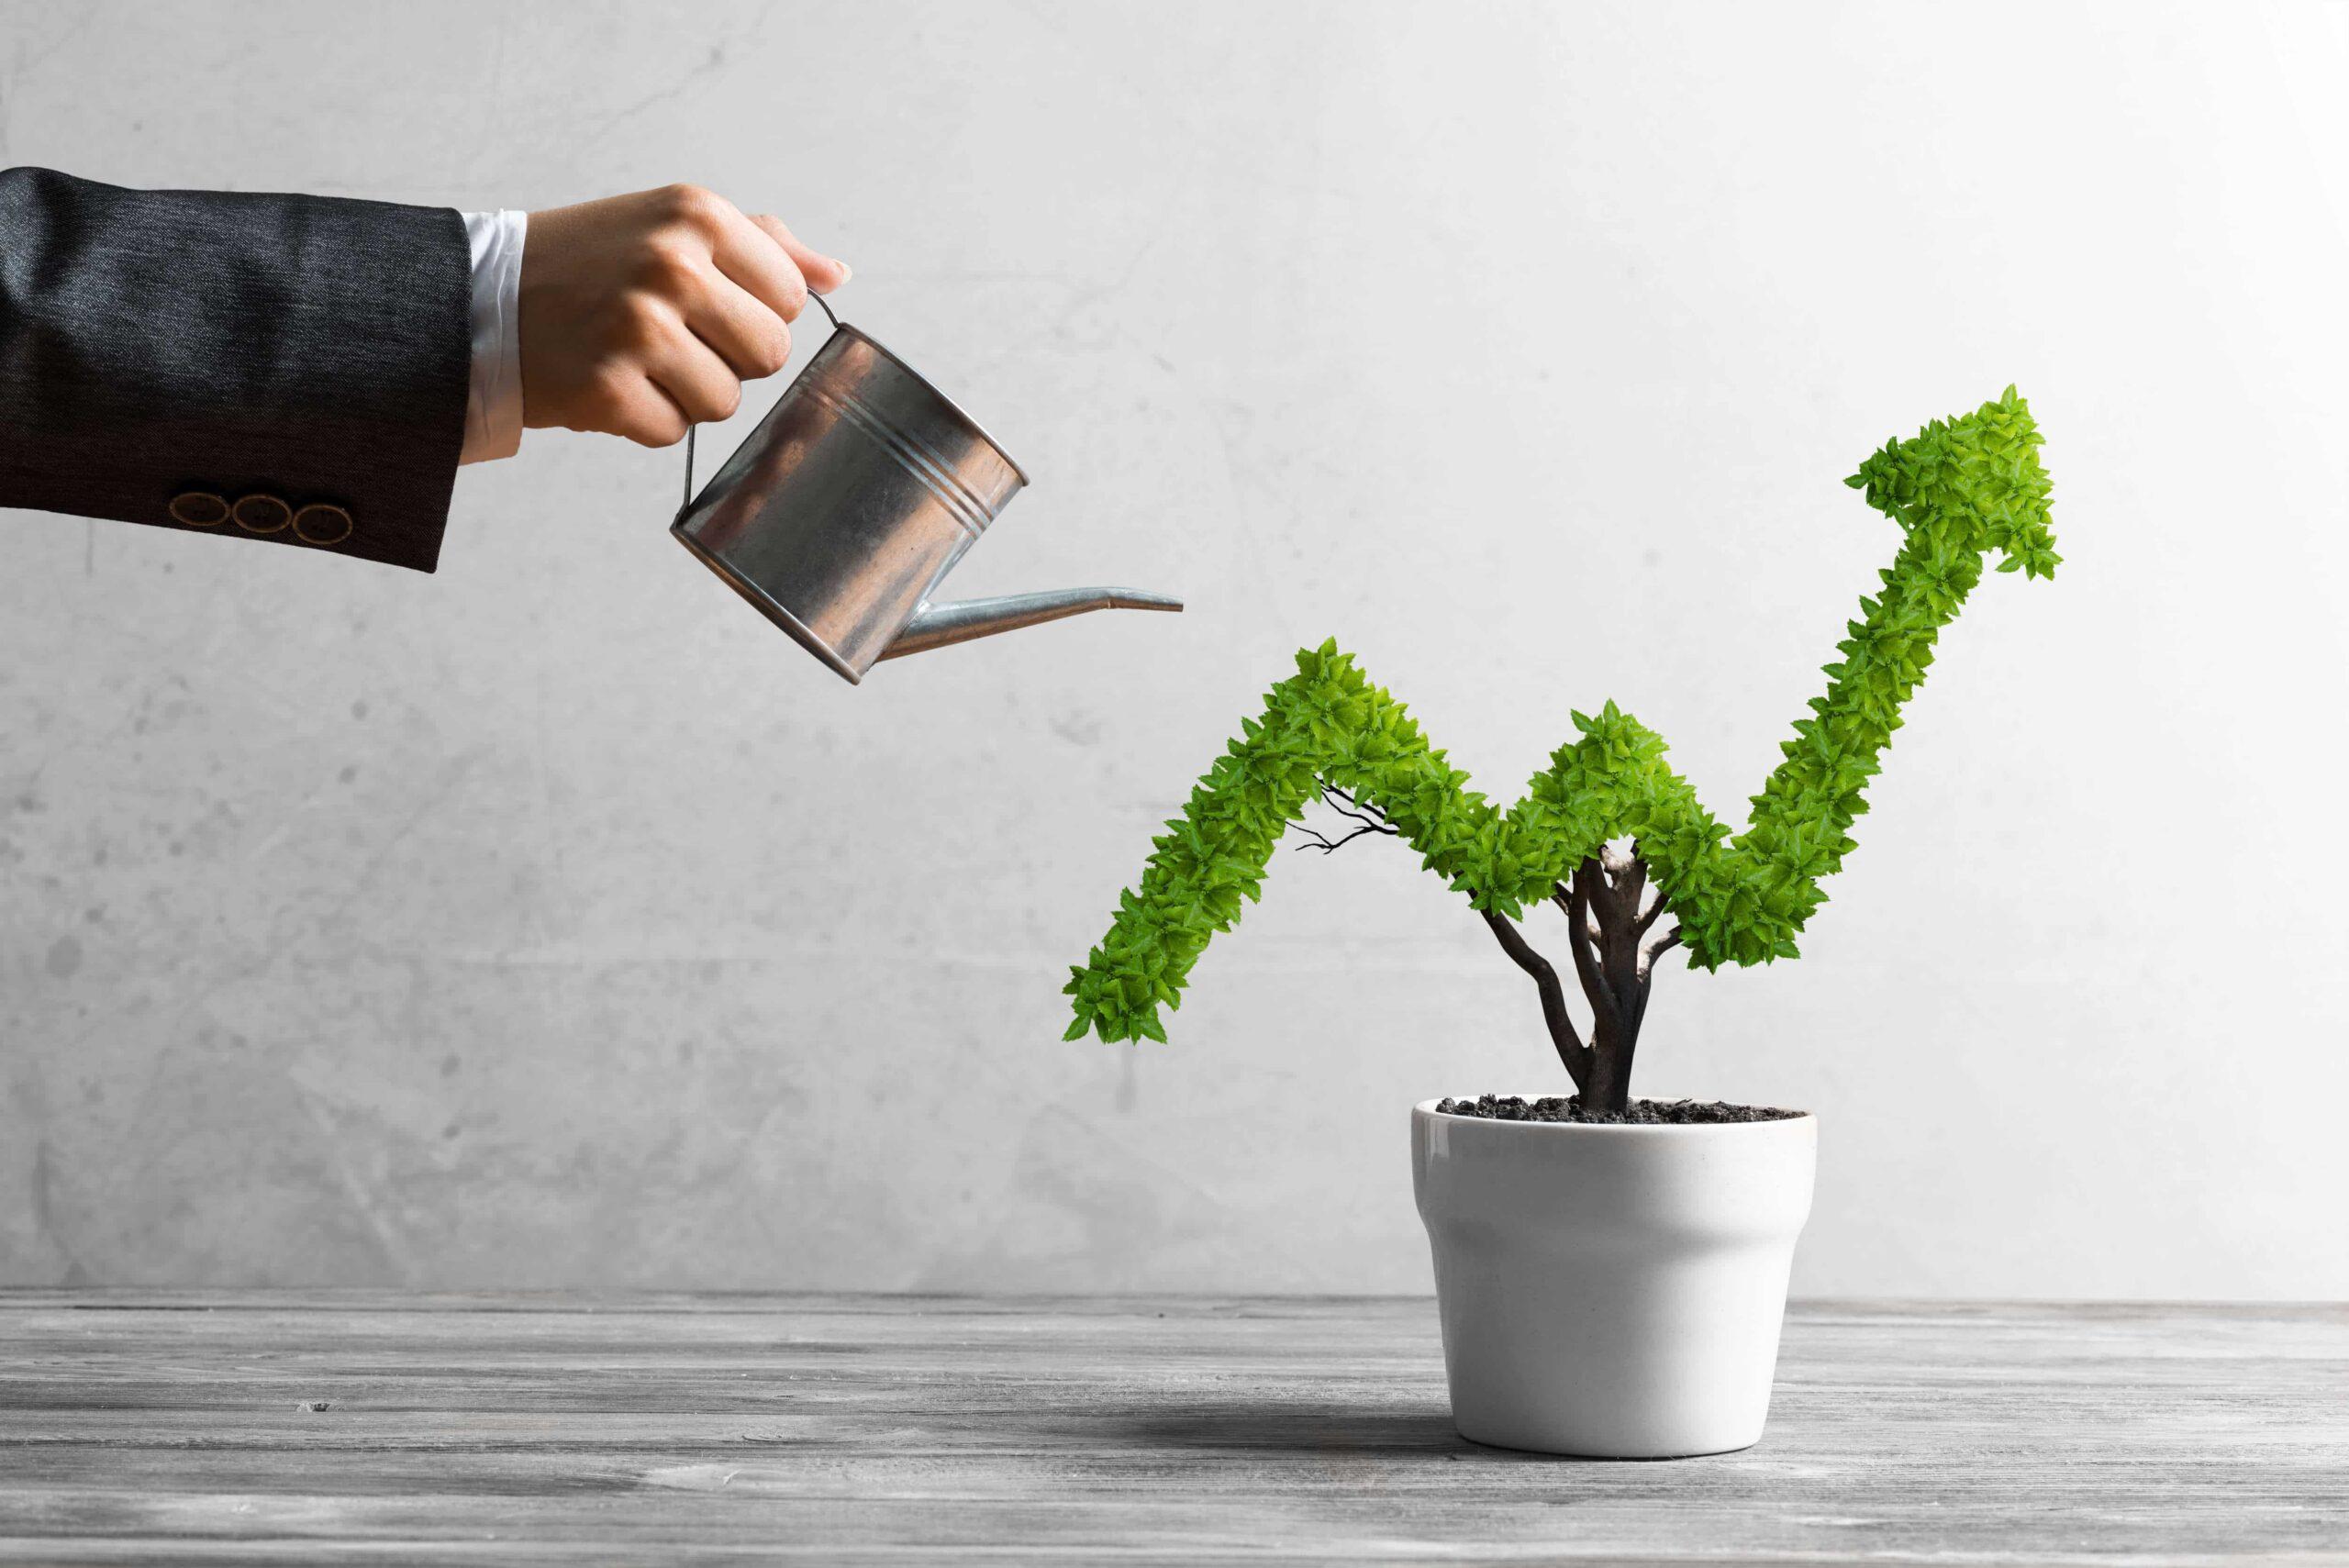 Attrarre investitori per la tua startup: i consigli dell'esperto